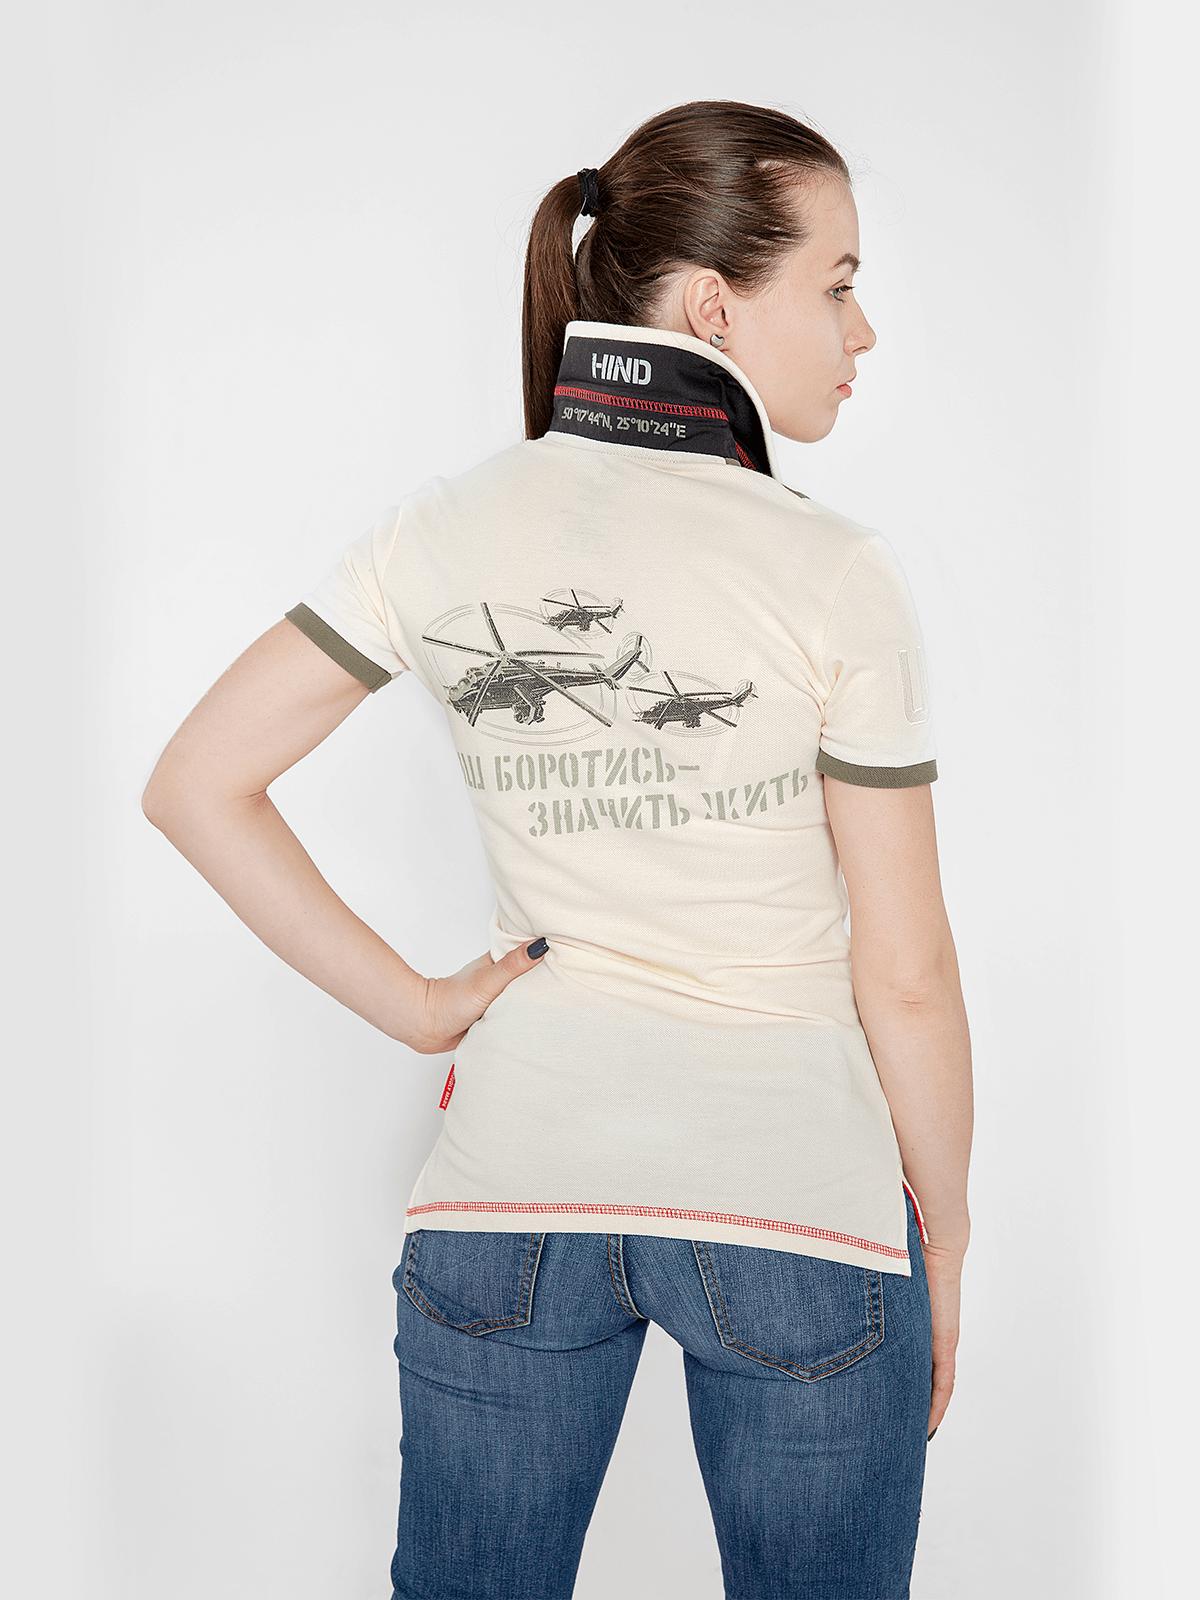 Жіноче Поло 16 Бригада. Колір кремовий.  Технологія нанесення зображень: вишивка, шовкодрук.